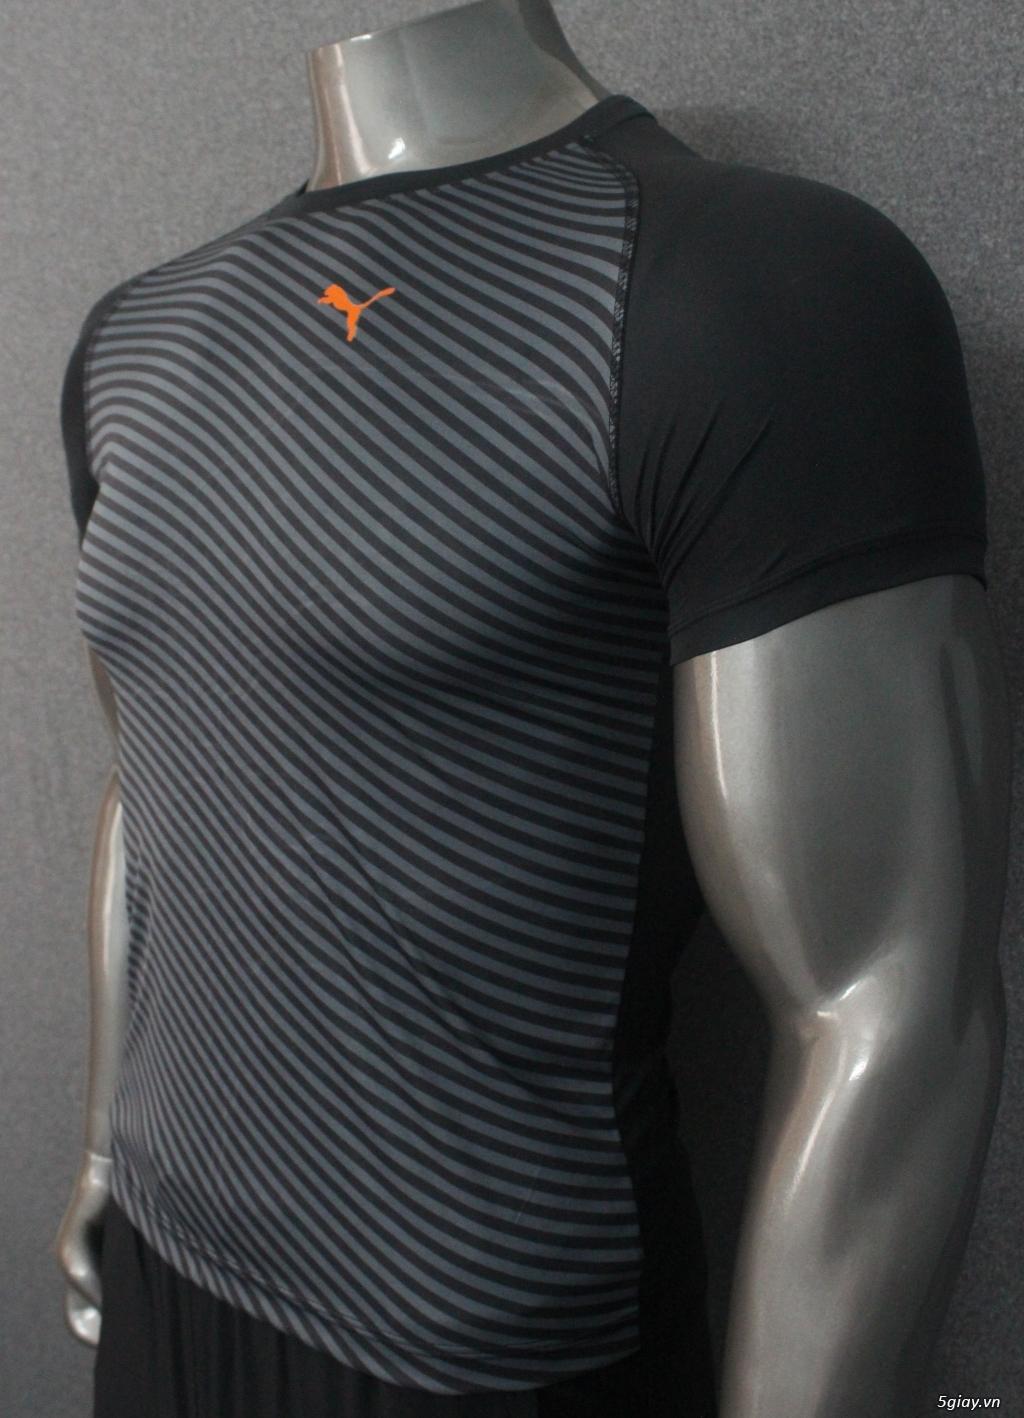 Chuyên cung cấp quần áo thể thao Adidas,Nike,Under Armour,Puma...trên Toàn Quốc giá xưởng - 45